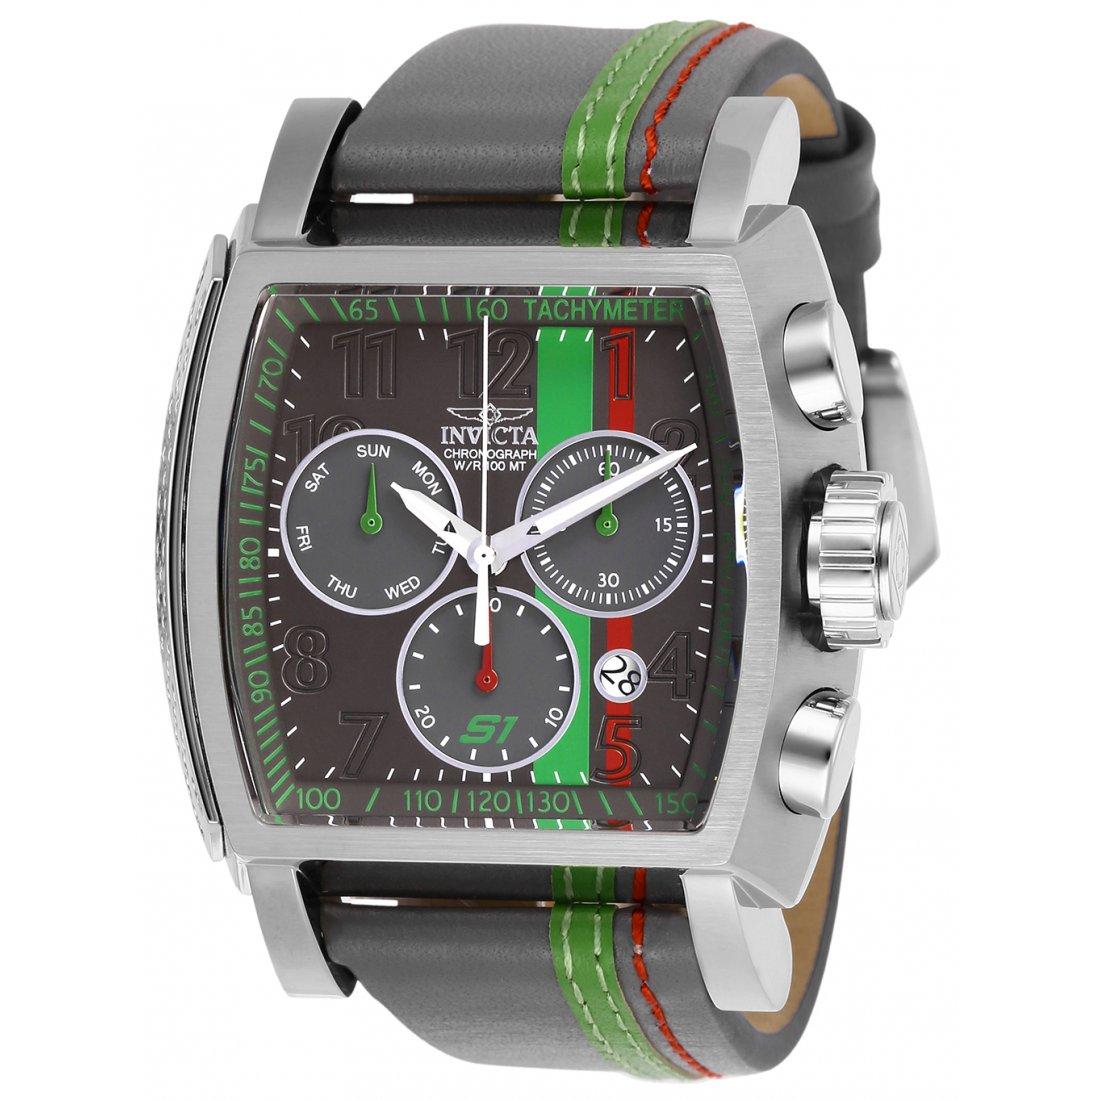 Invicta S1 Rally 26395 Anny van Buul Juweliers Horloges